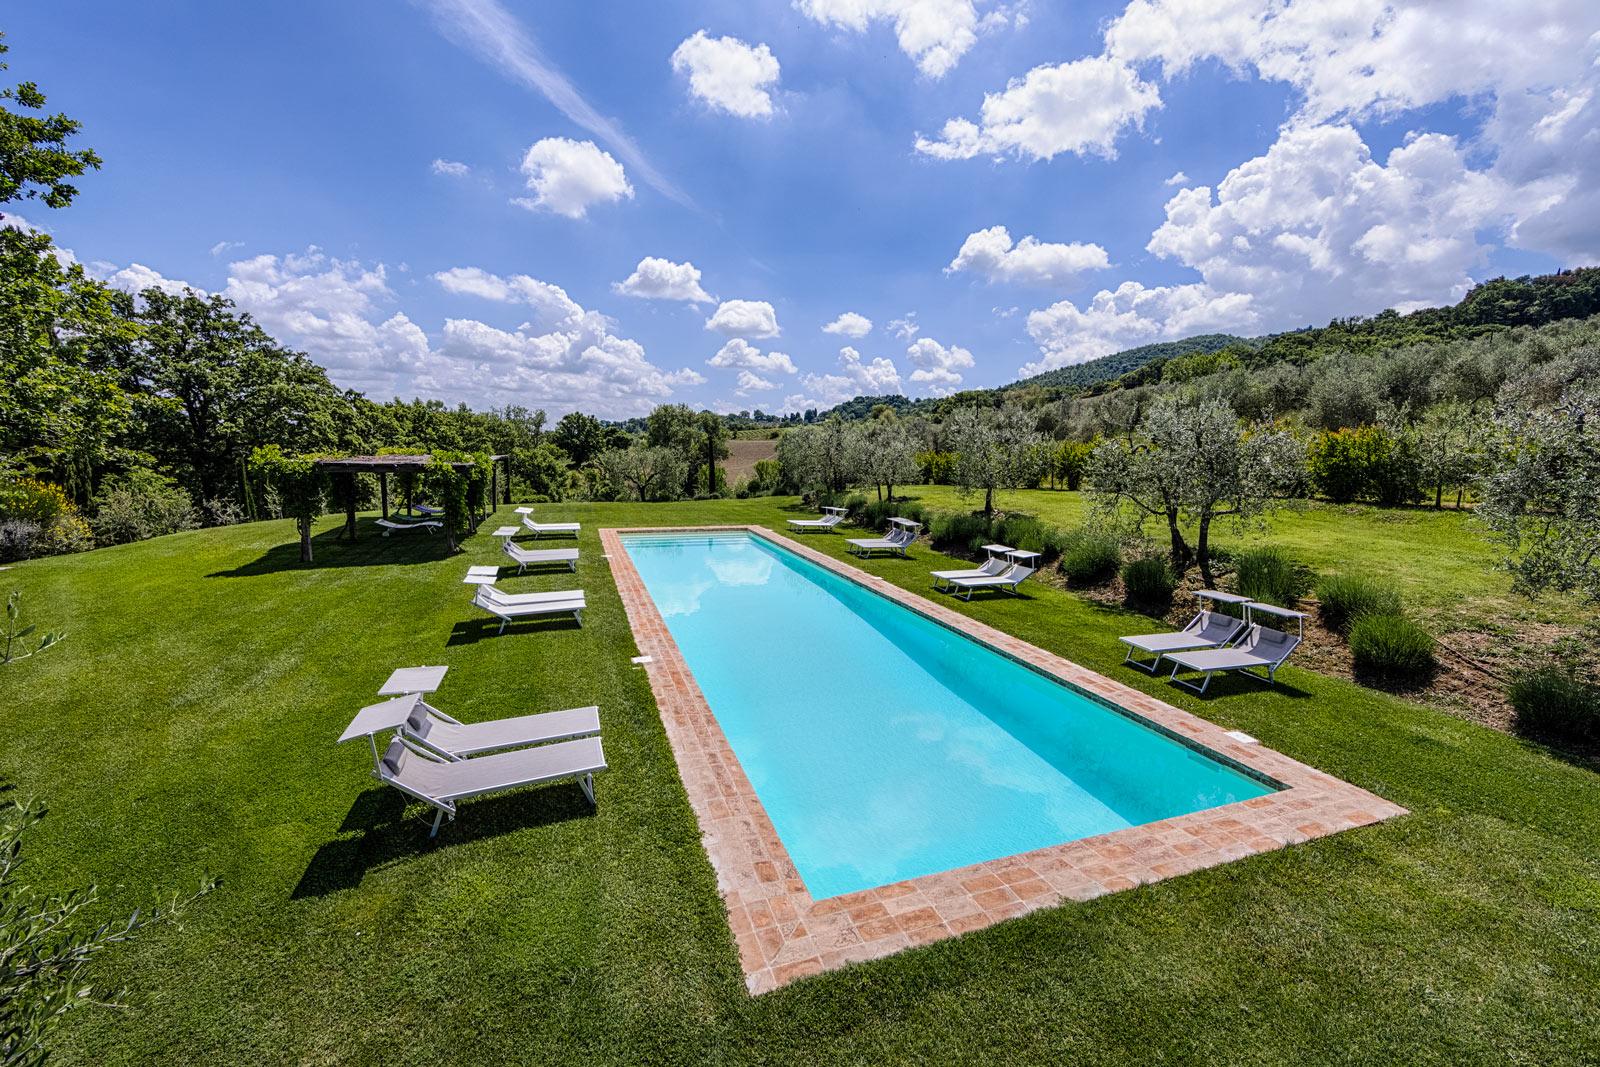 Agriturismo di lusso con piscina casa fabbrini val d - Agriturismo firenze con piscina ...